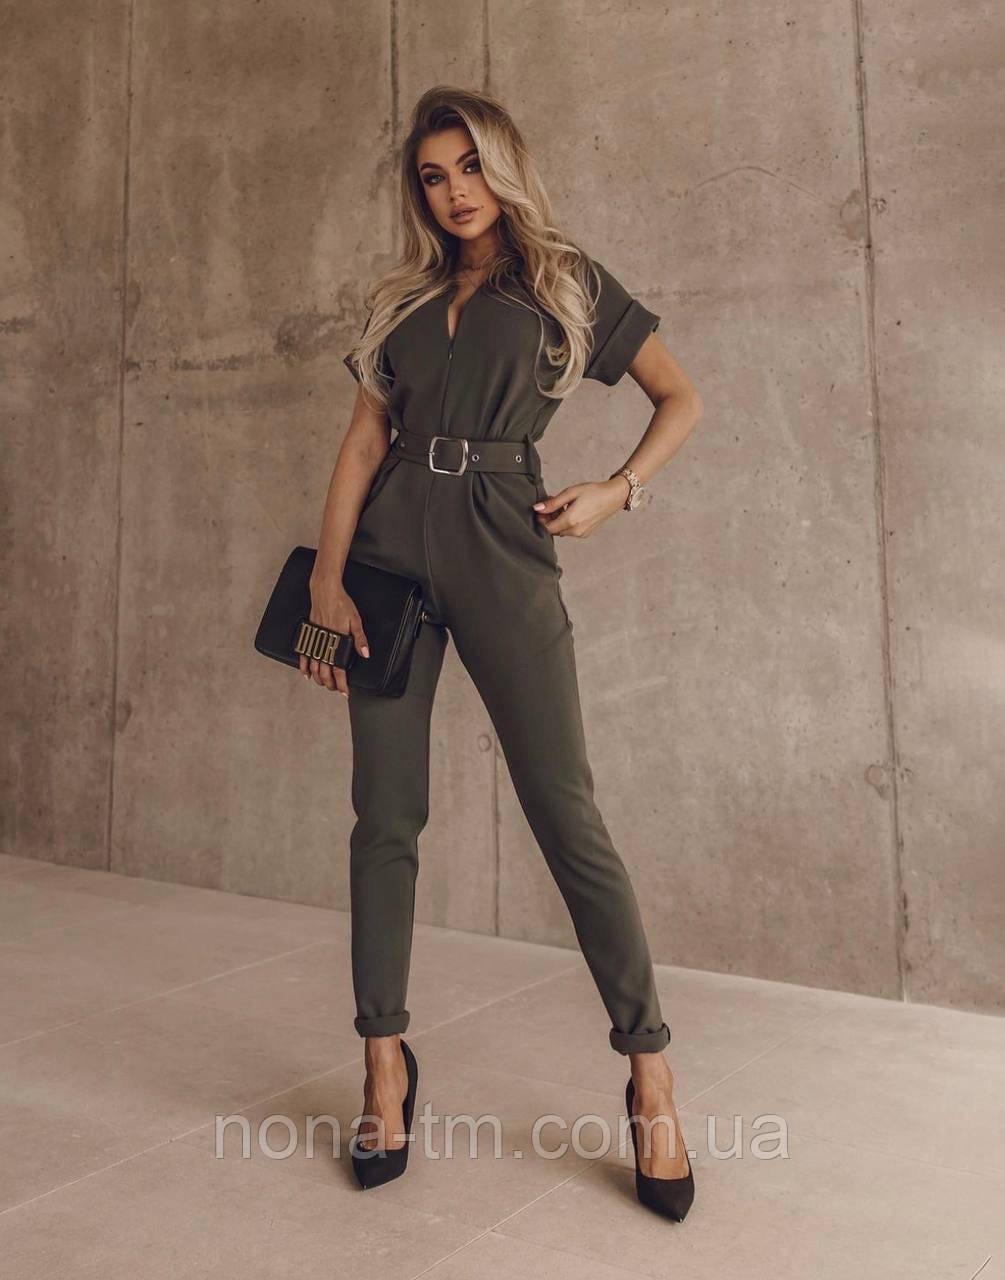 Модний комбінезон жіночий з брюками